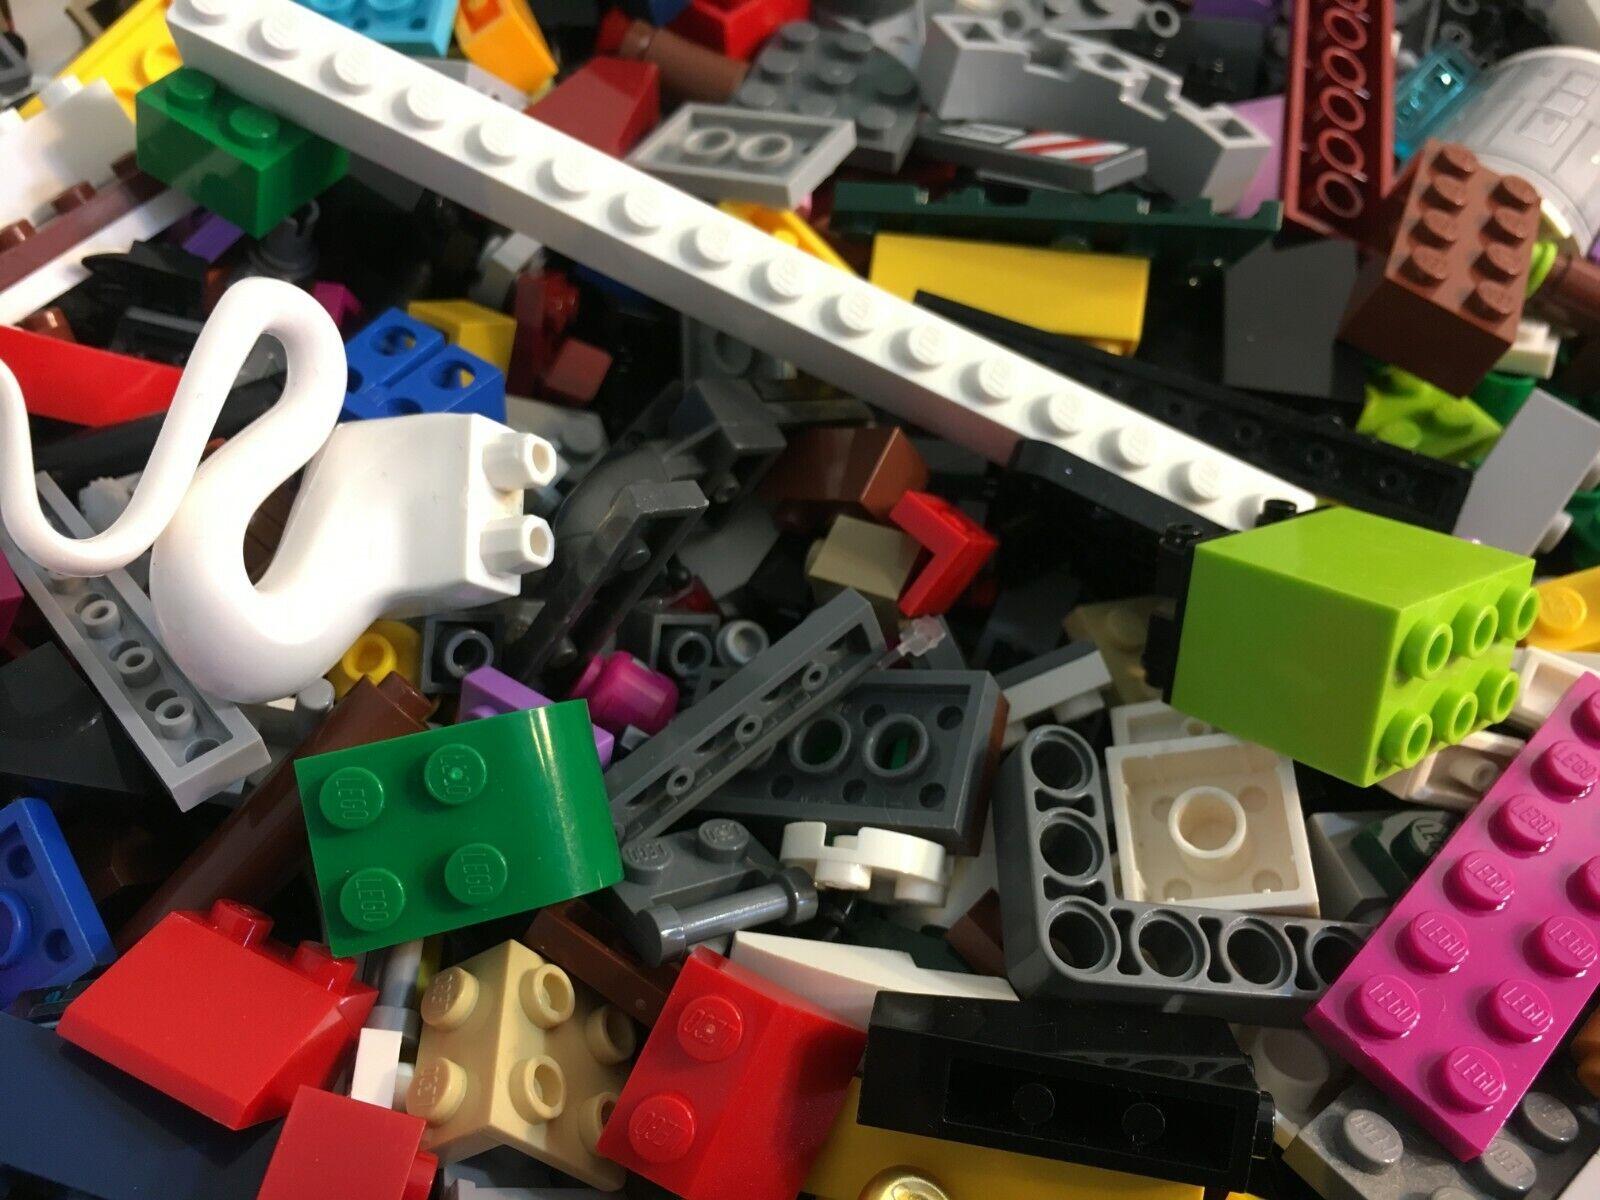 Genuine LEGO 100% 5 lb (environ 2.27 kg) aseptisée ville city star wars Briques Blocs Roues etc